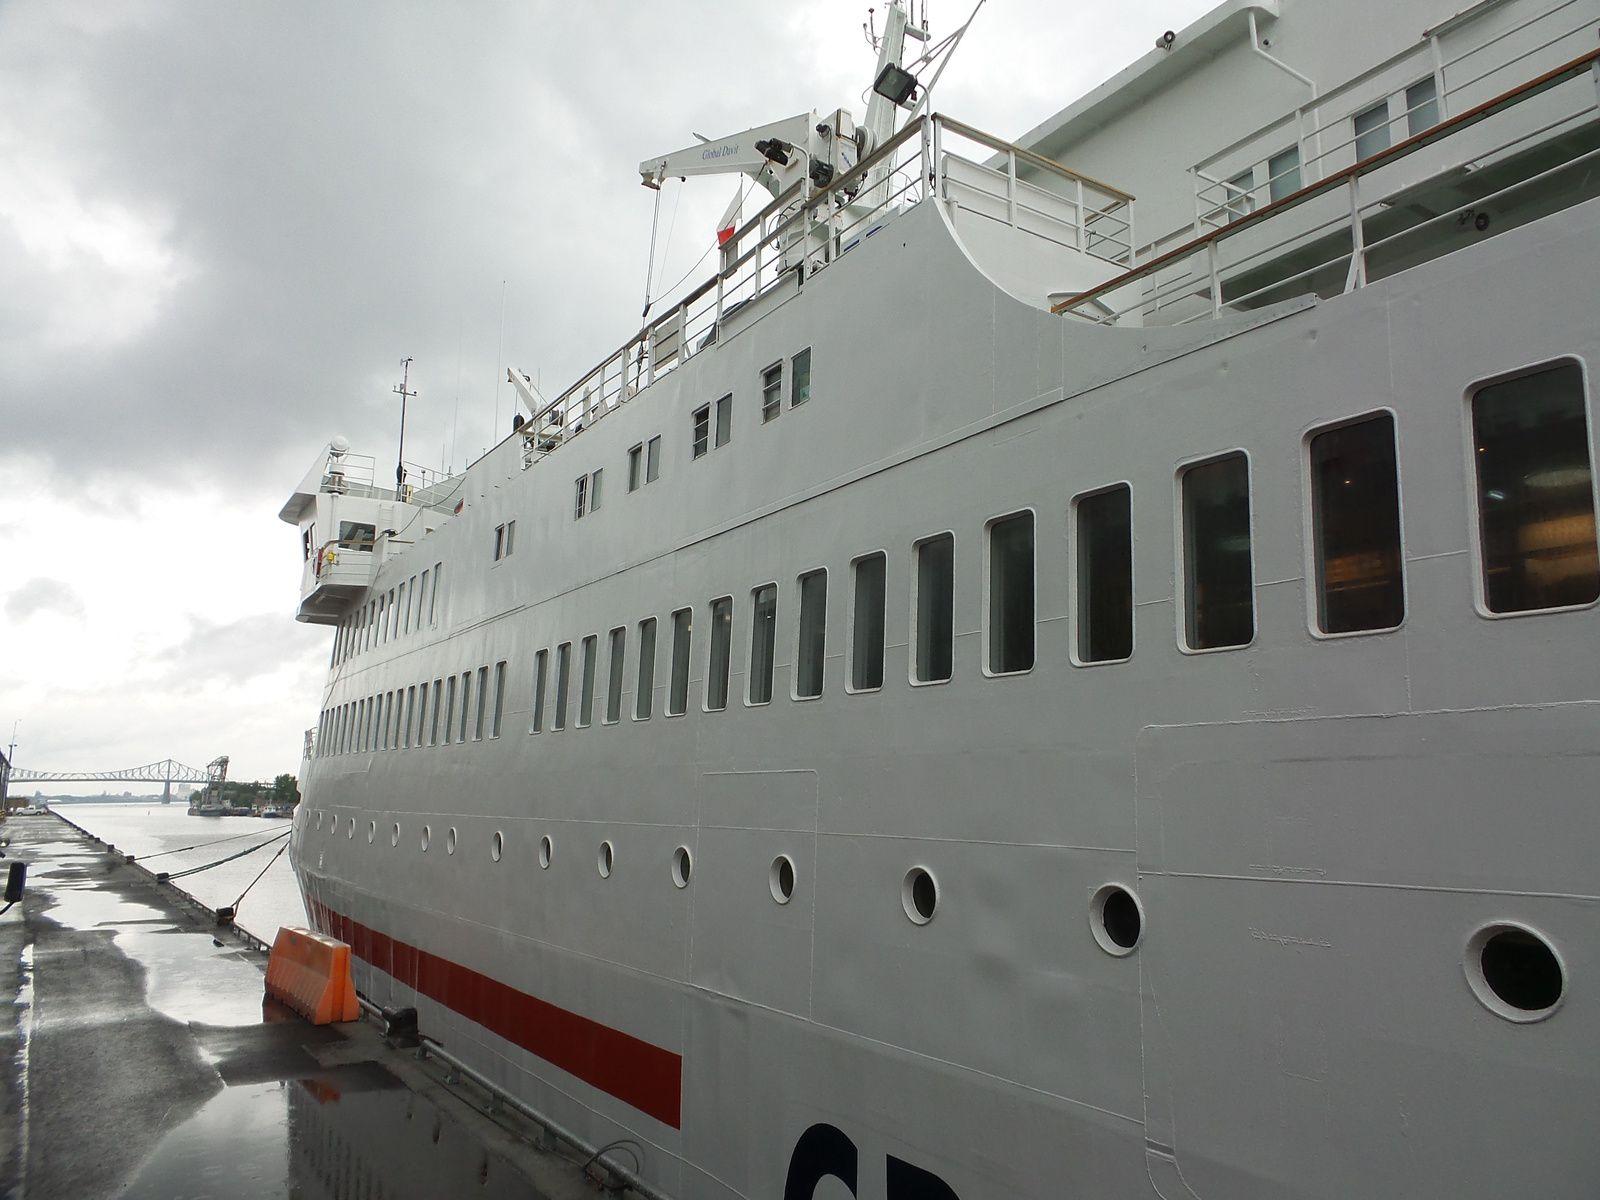 Voici le bateau ainsi que ma cabine